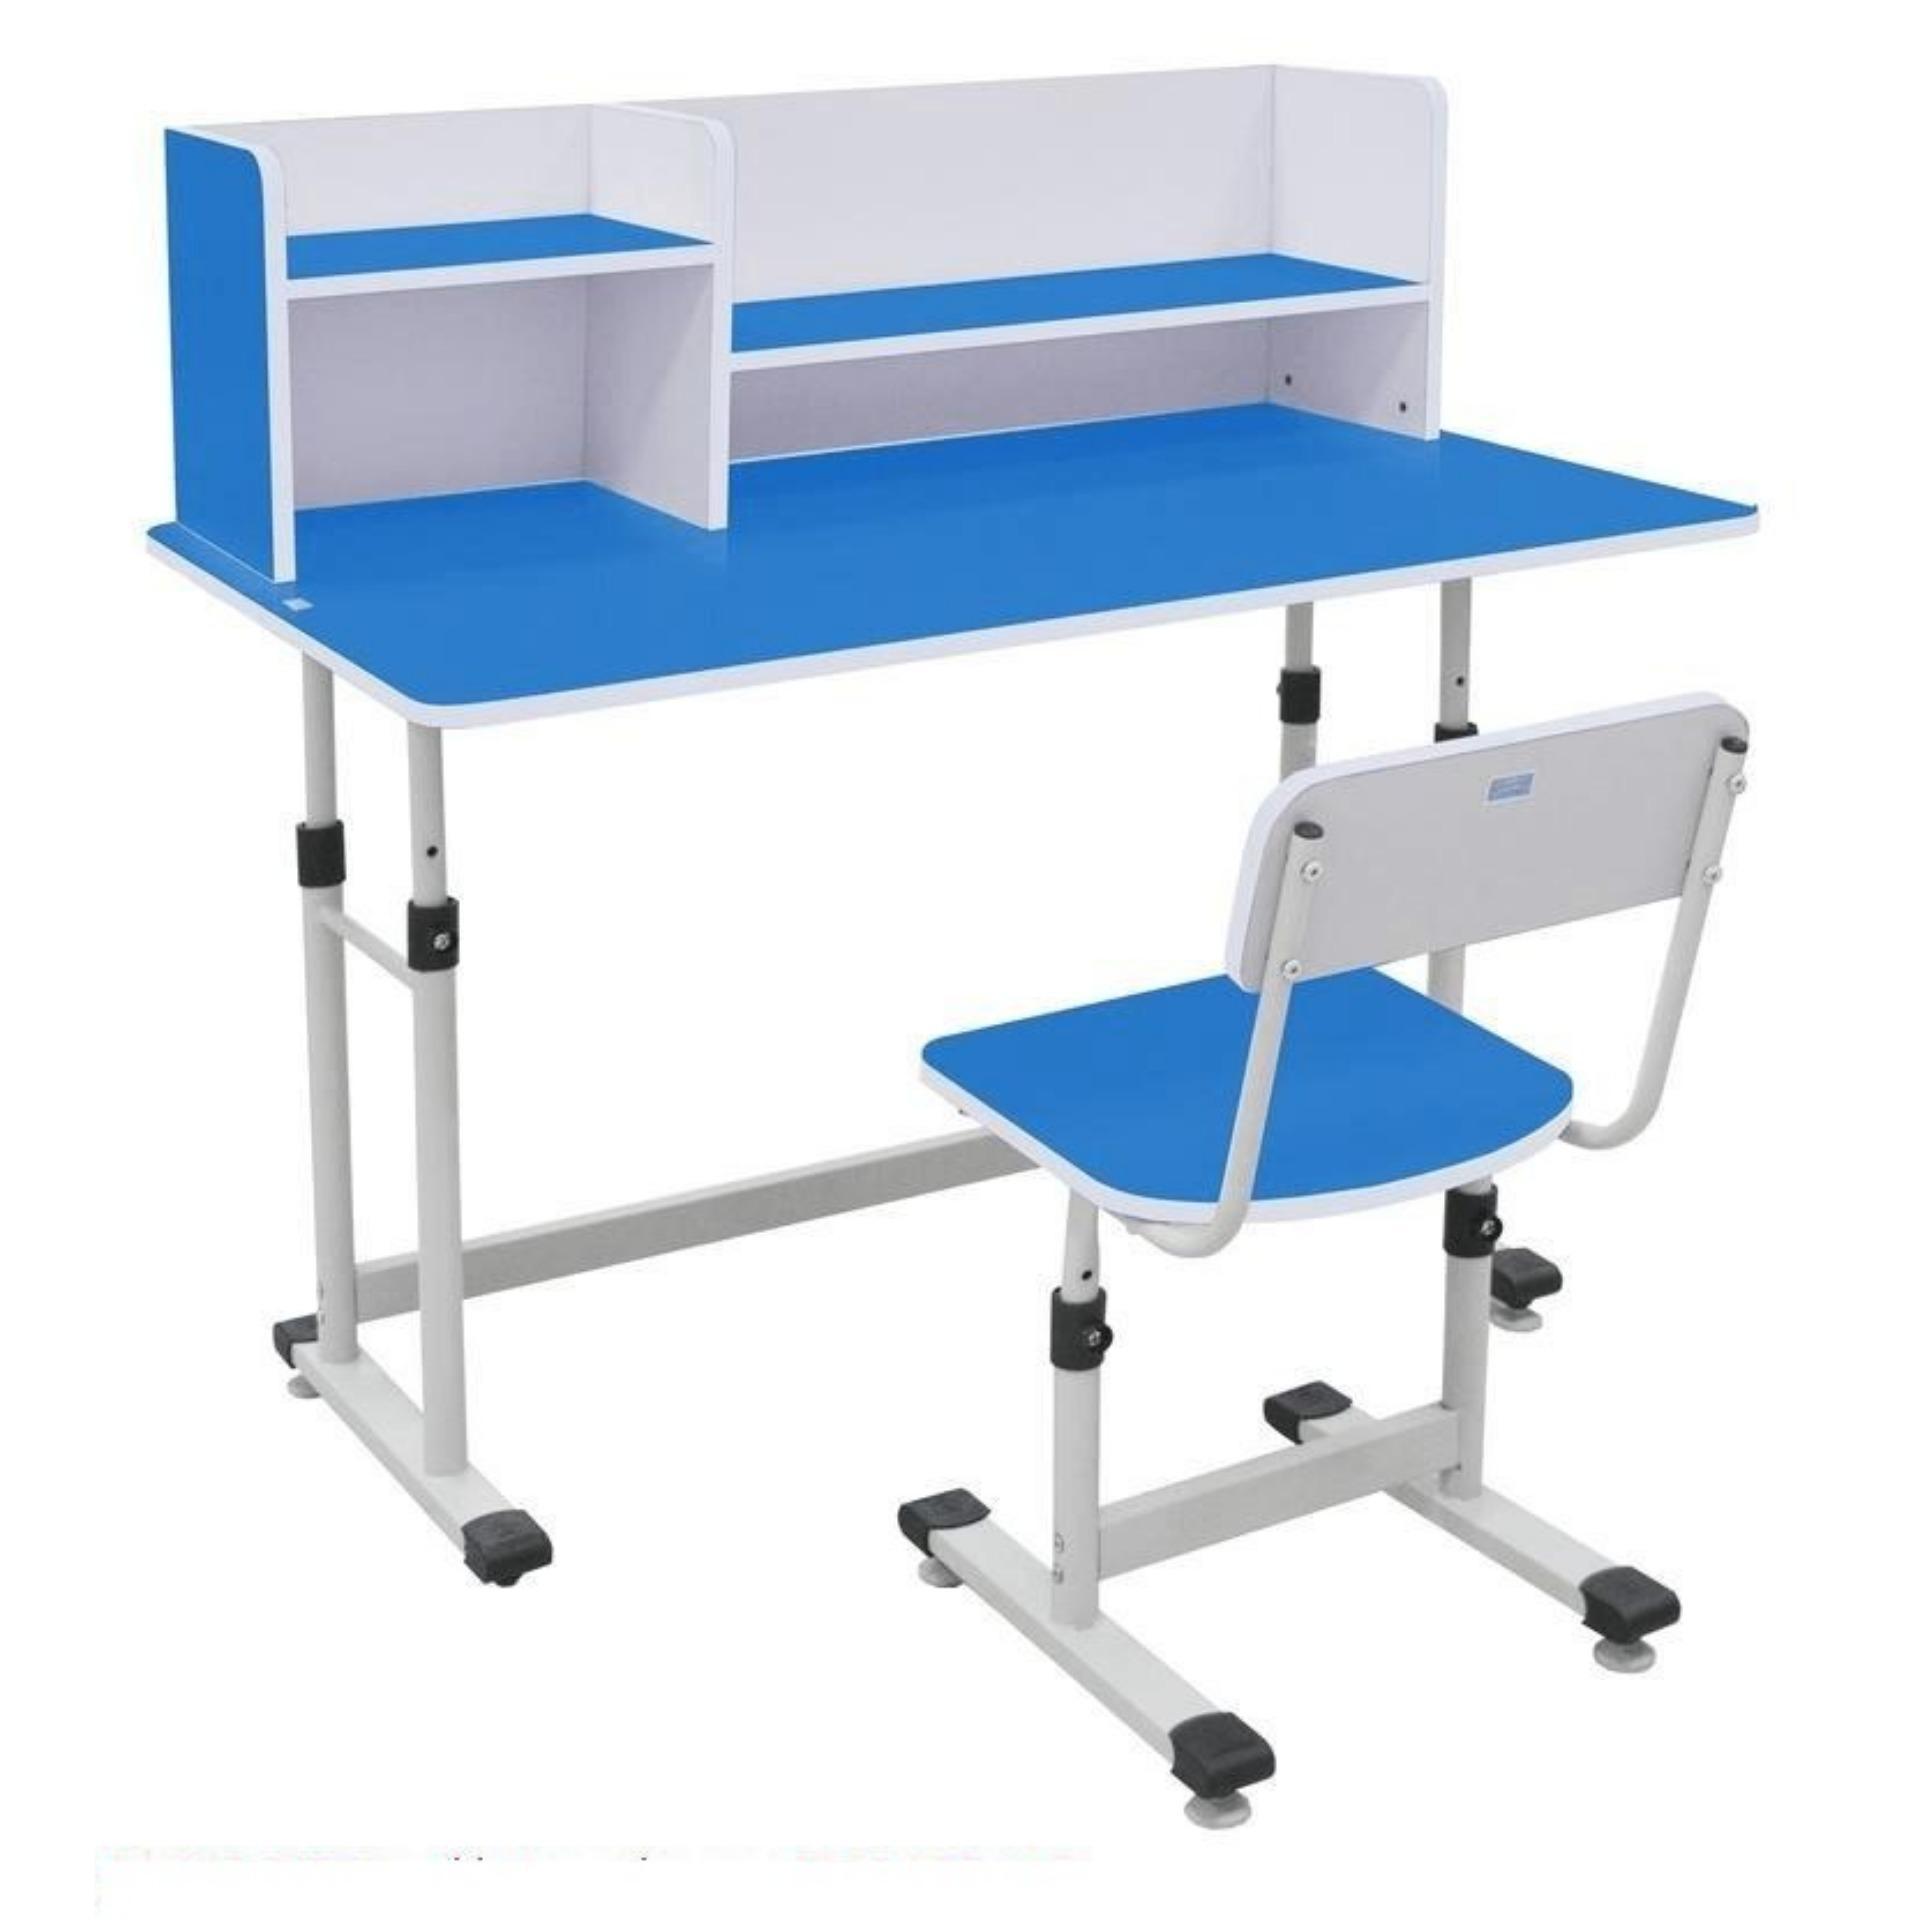 Bộ bàn ghế học sinh Xuân Hòa BHS-13-07 XG màu xanh